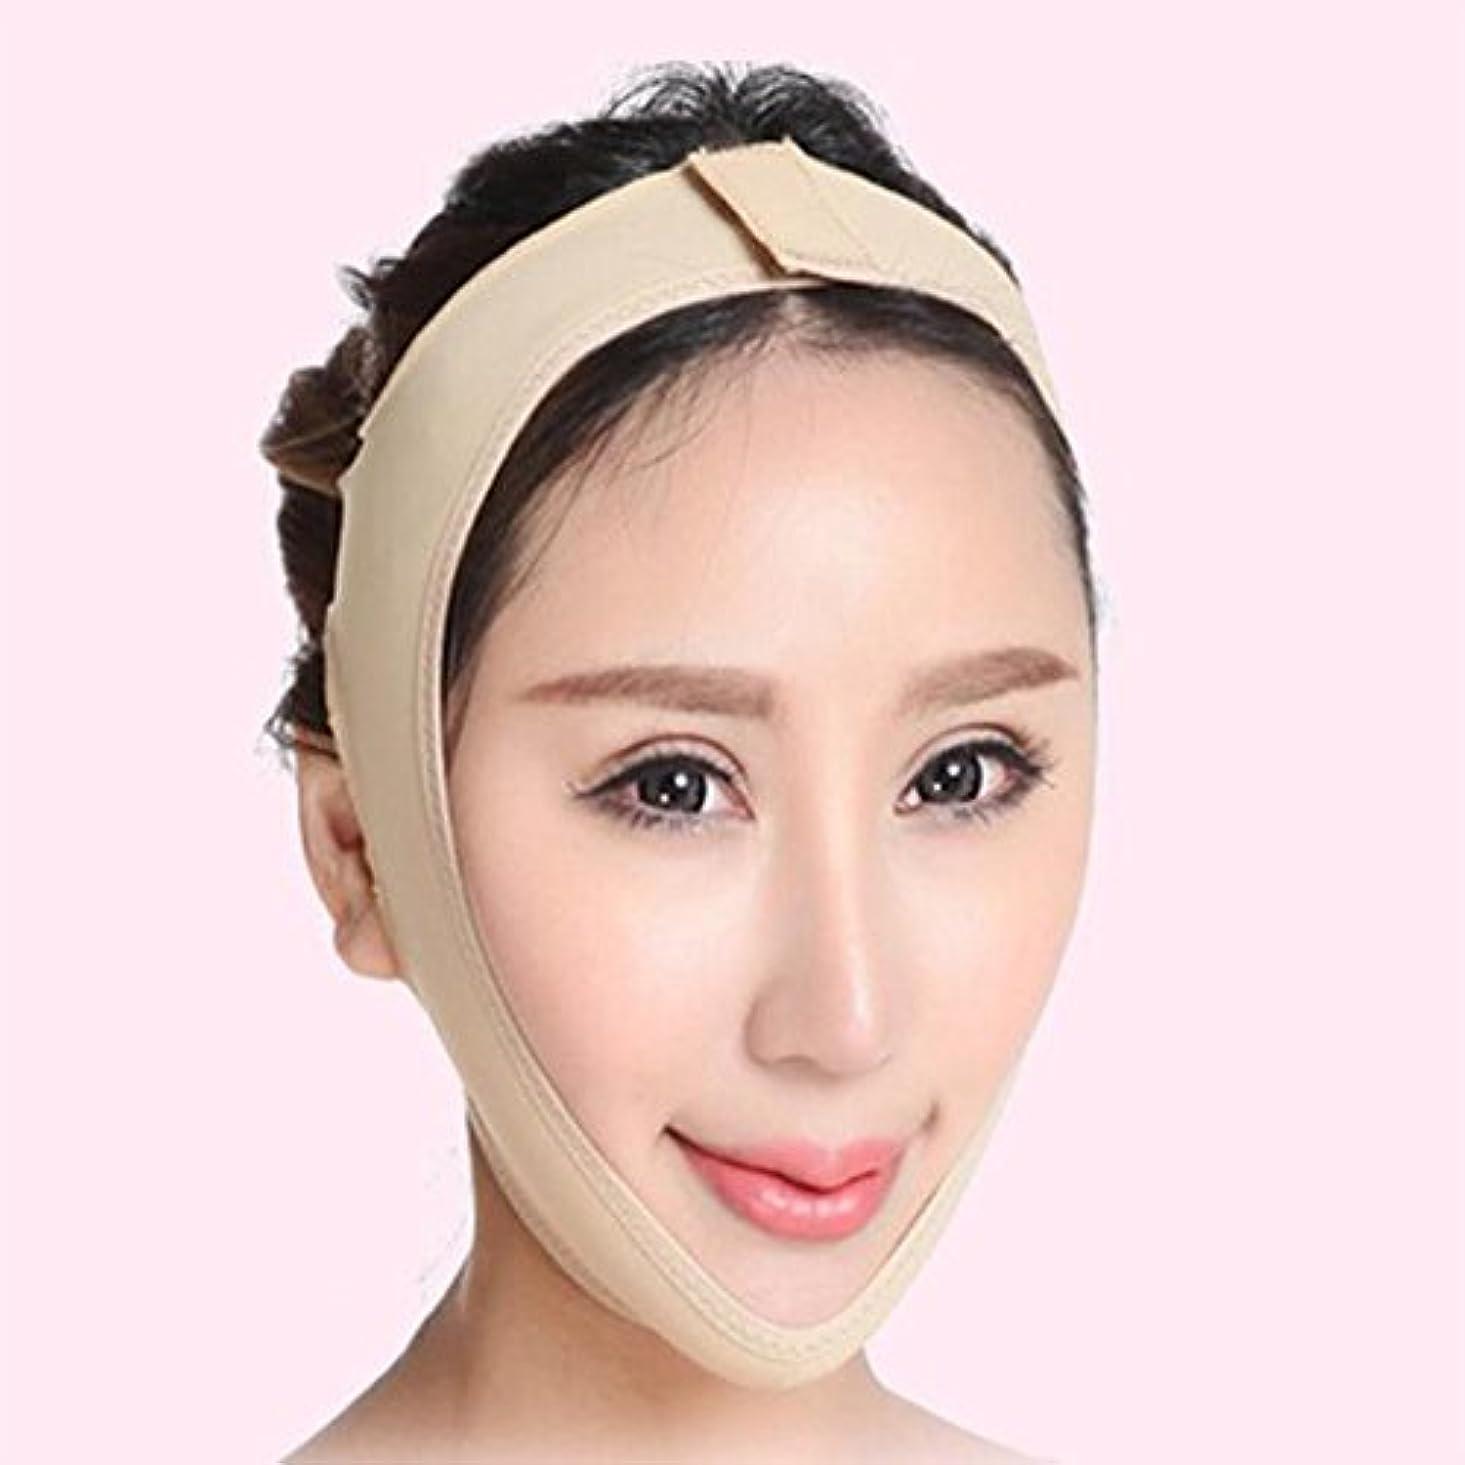 中央篭早くSD 小顔 小顔マスク リフトアップ マスク フェイスライン 矯正 あご シャープ メンズ レディース Mサイズ AZD15003-M